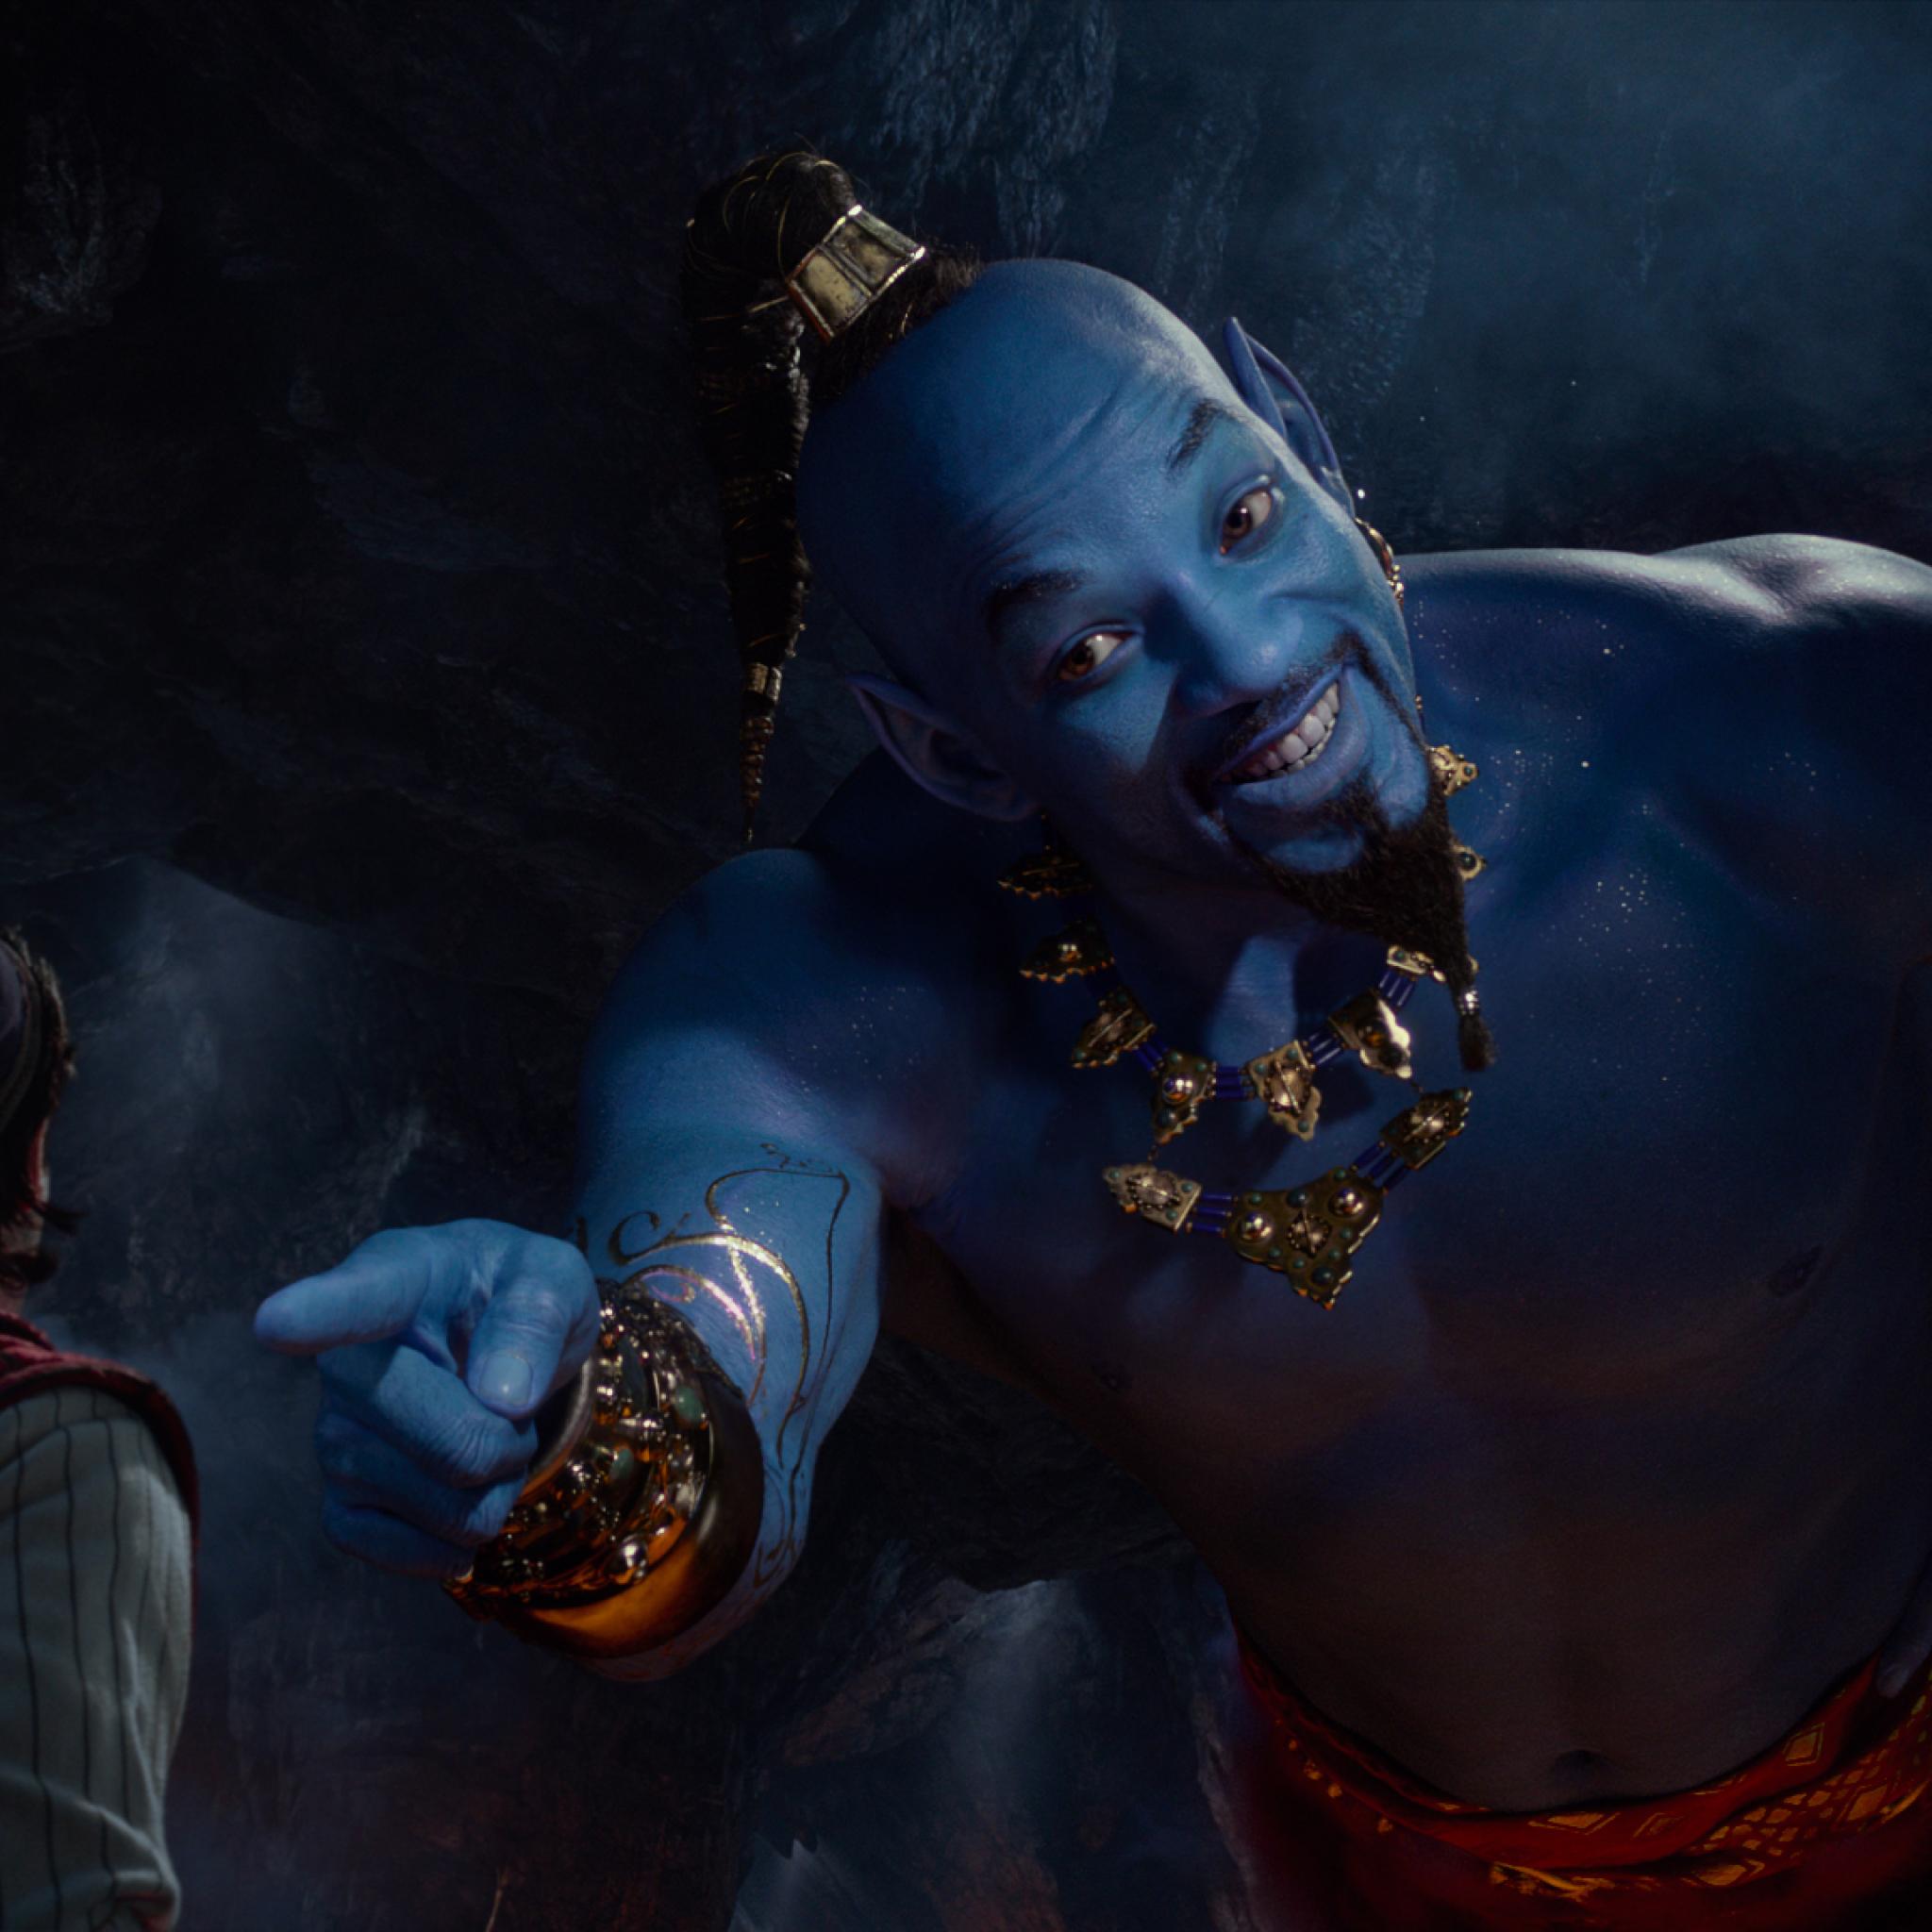 2048x2048 Will Smith as Genie In Aladdin Movie 2019 Ipad Air 2048x2048